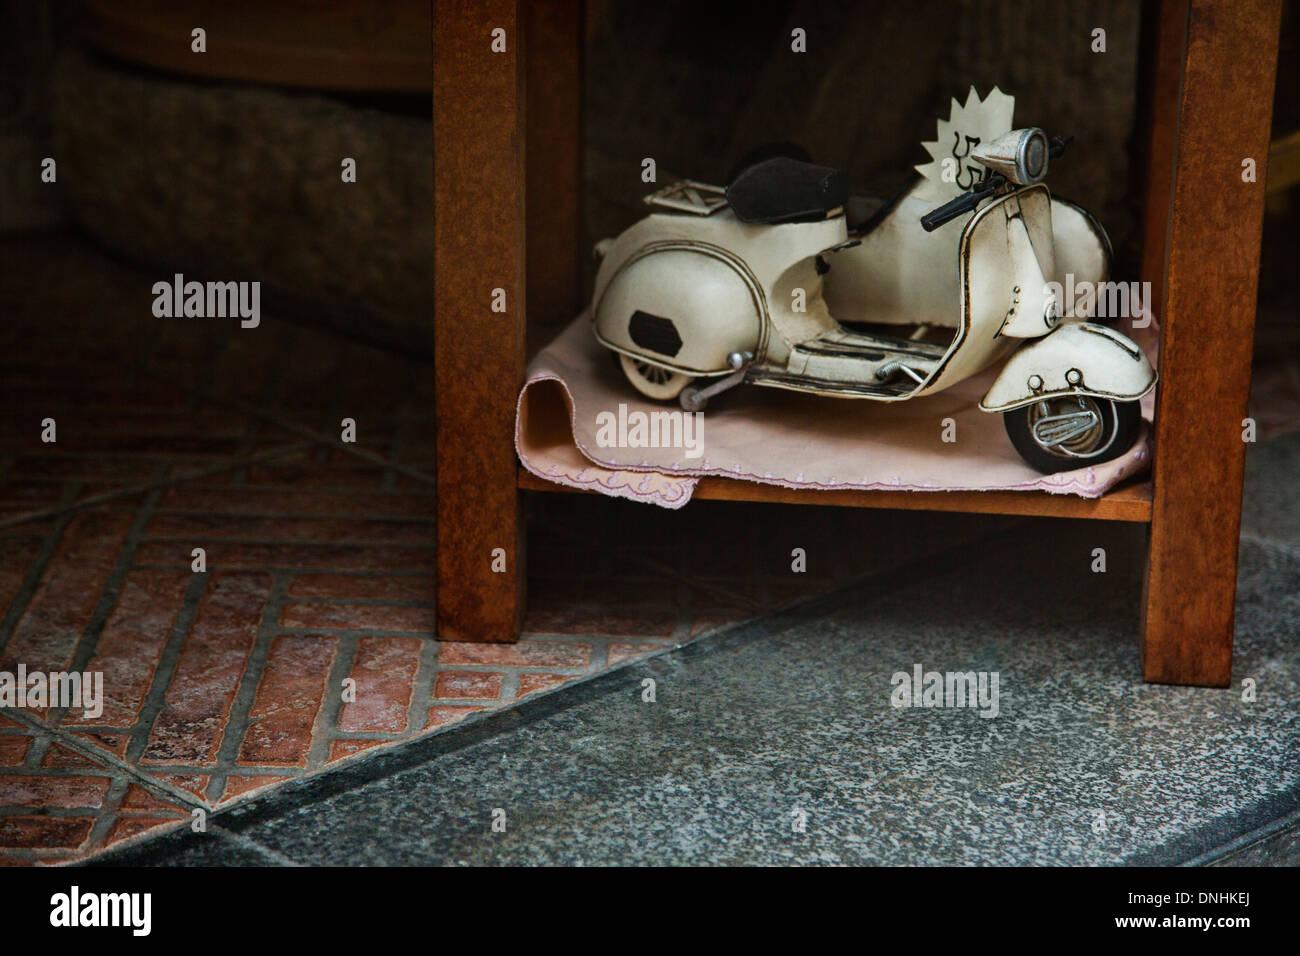 Close-up d'un jouet à vendre scooter, Amalfi, Province de Salerne, Campanie, Italie Banque D'Images